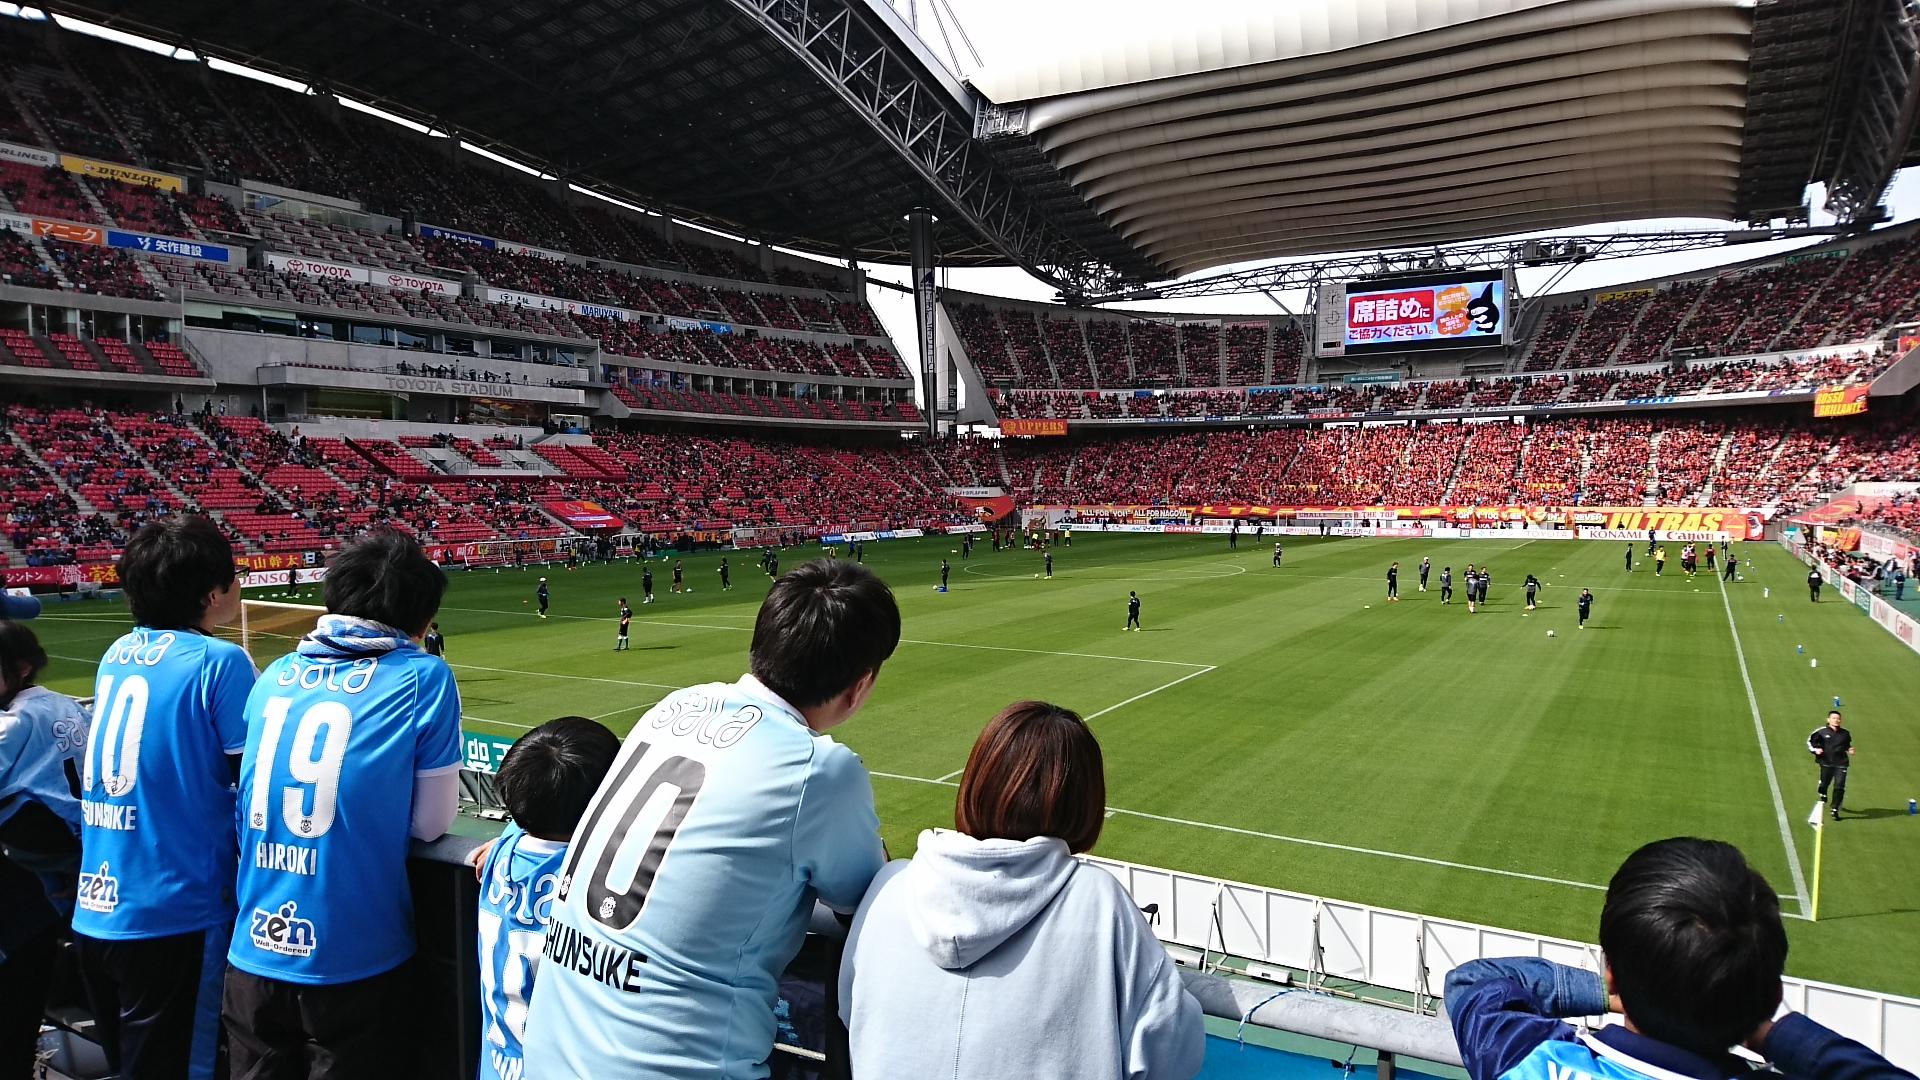 2018.3.3 豊田市 (17) 豊田スタジアム - ジュビロの練習